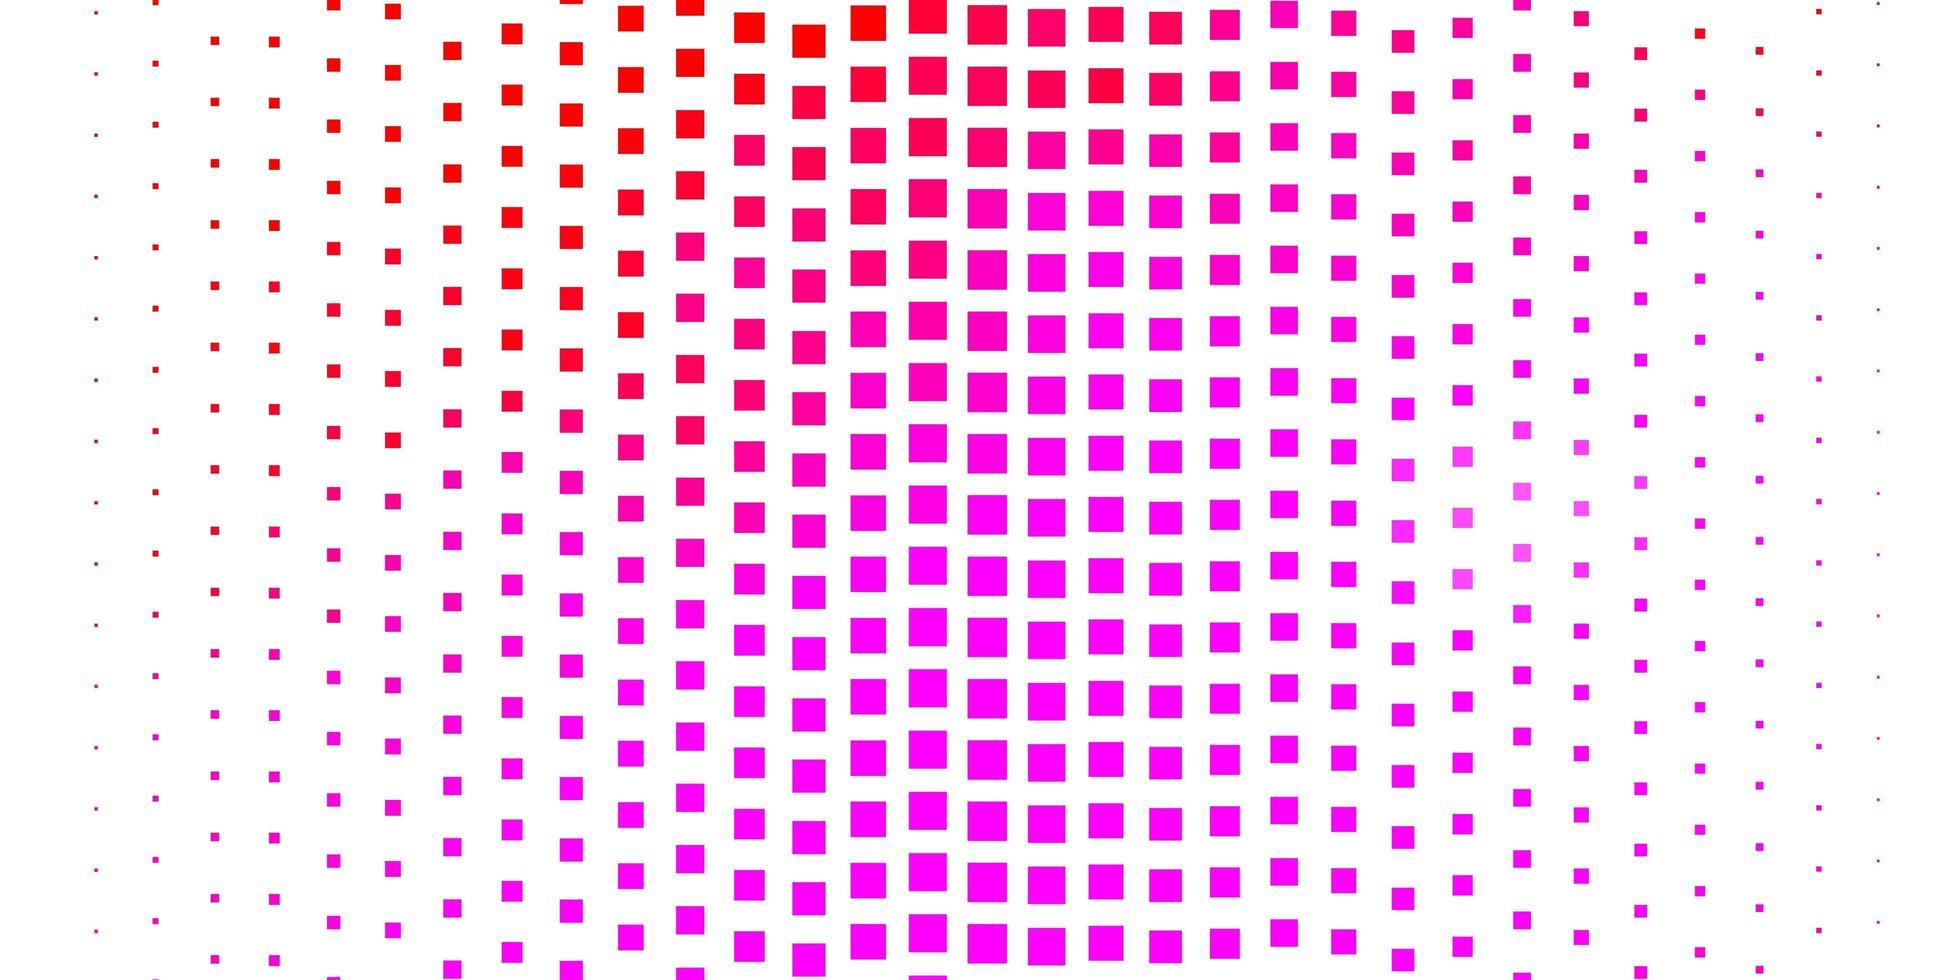 trama rosa chiaro in stile rettangolare. vettore